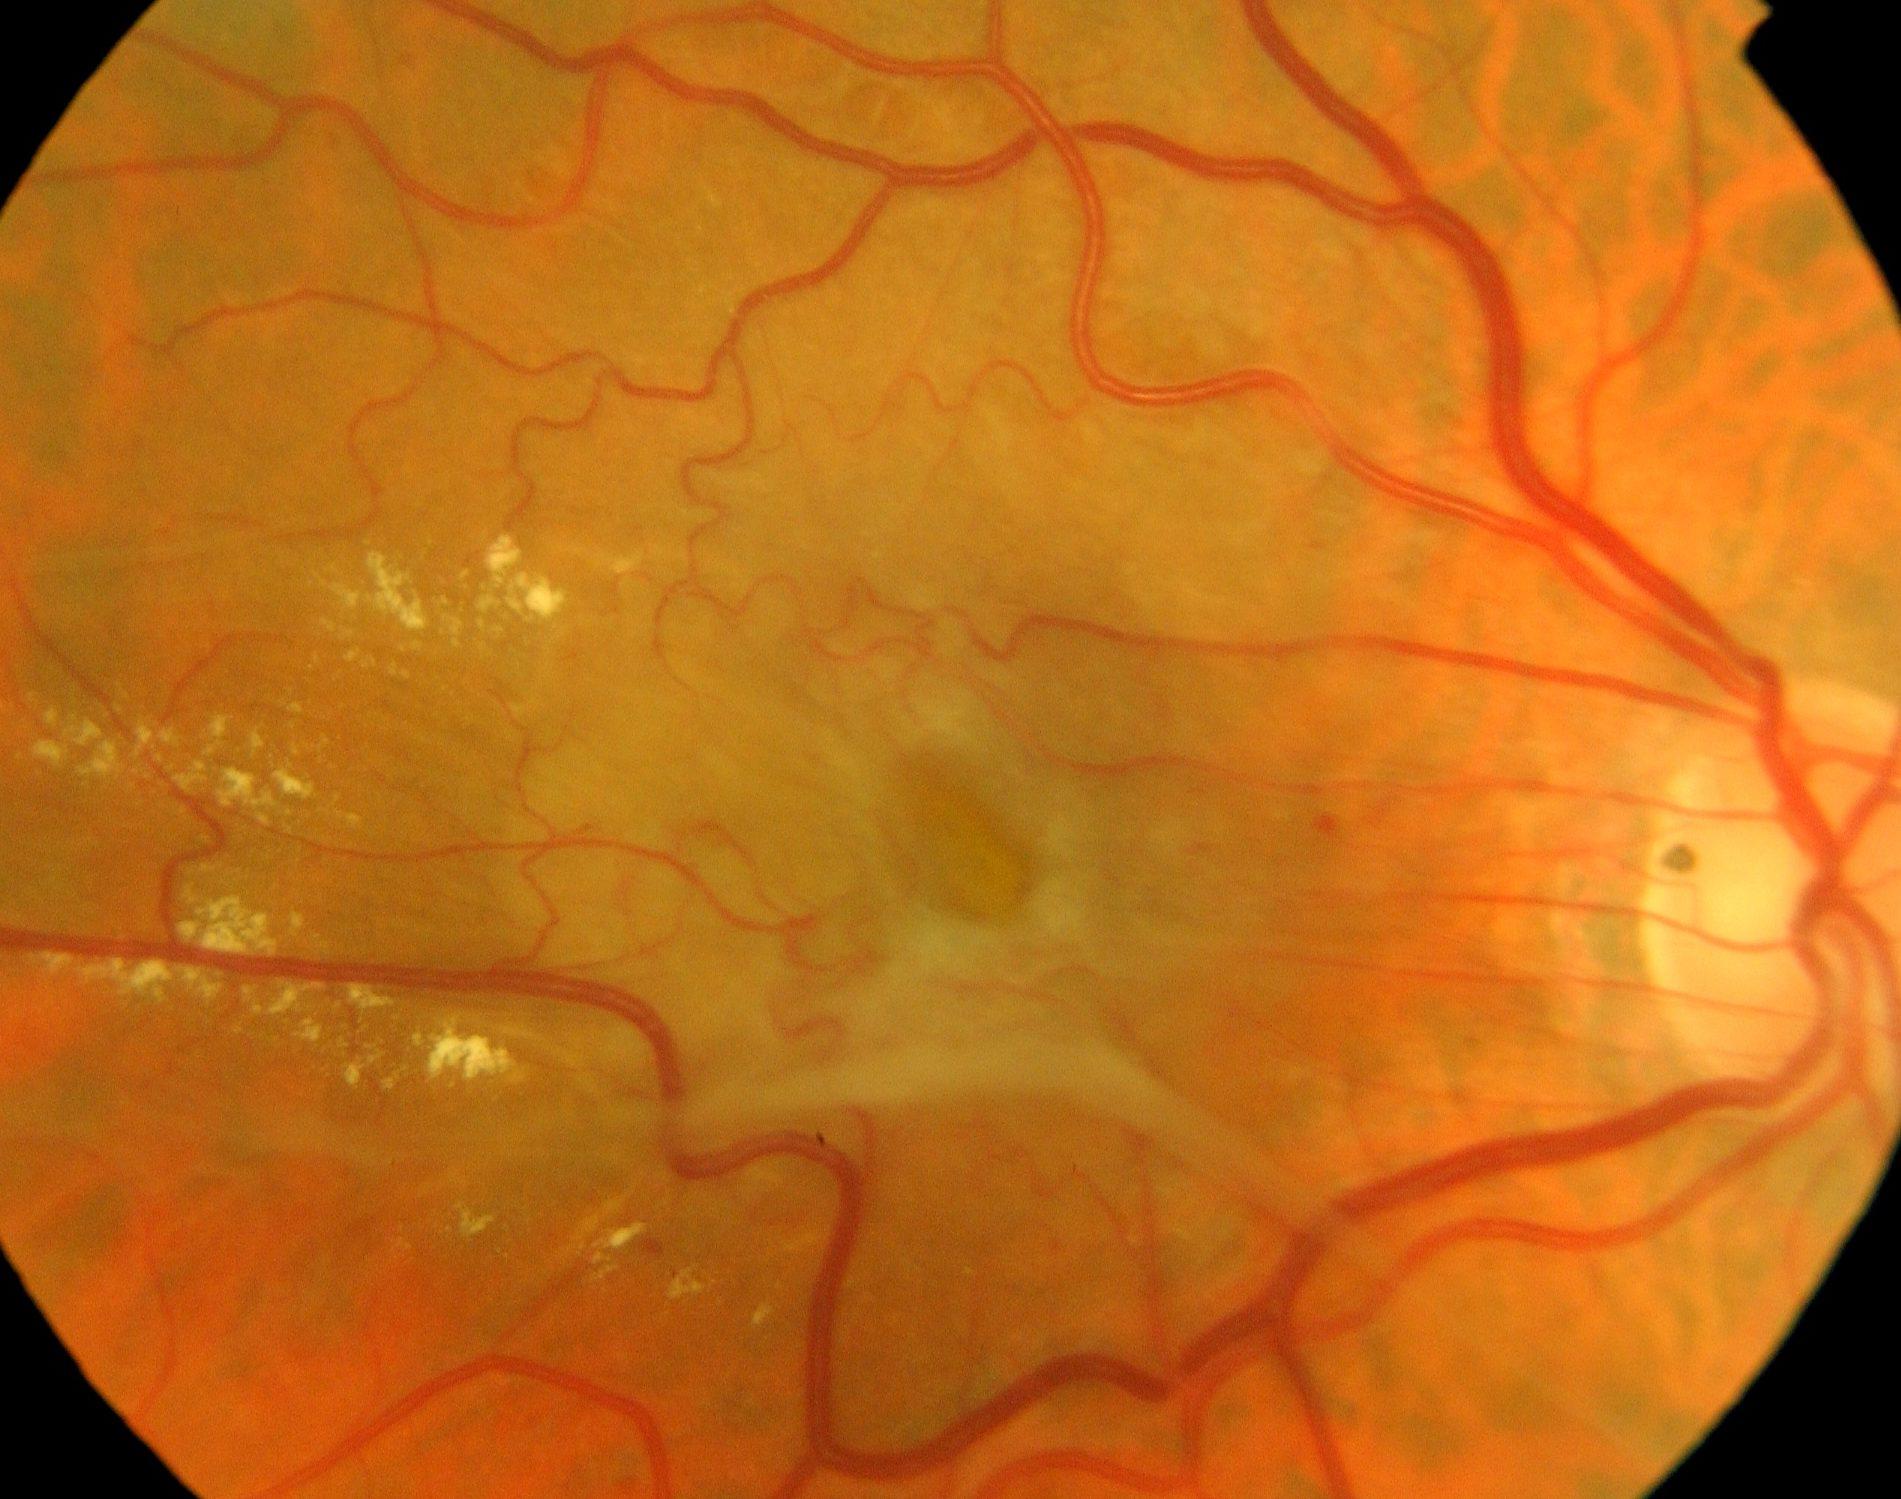 Imagen de la membrana epirretiniana macular. Clínica Oftalmológica Bajo-Castro, Oviedo (Asturias)